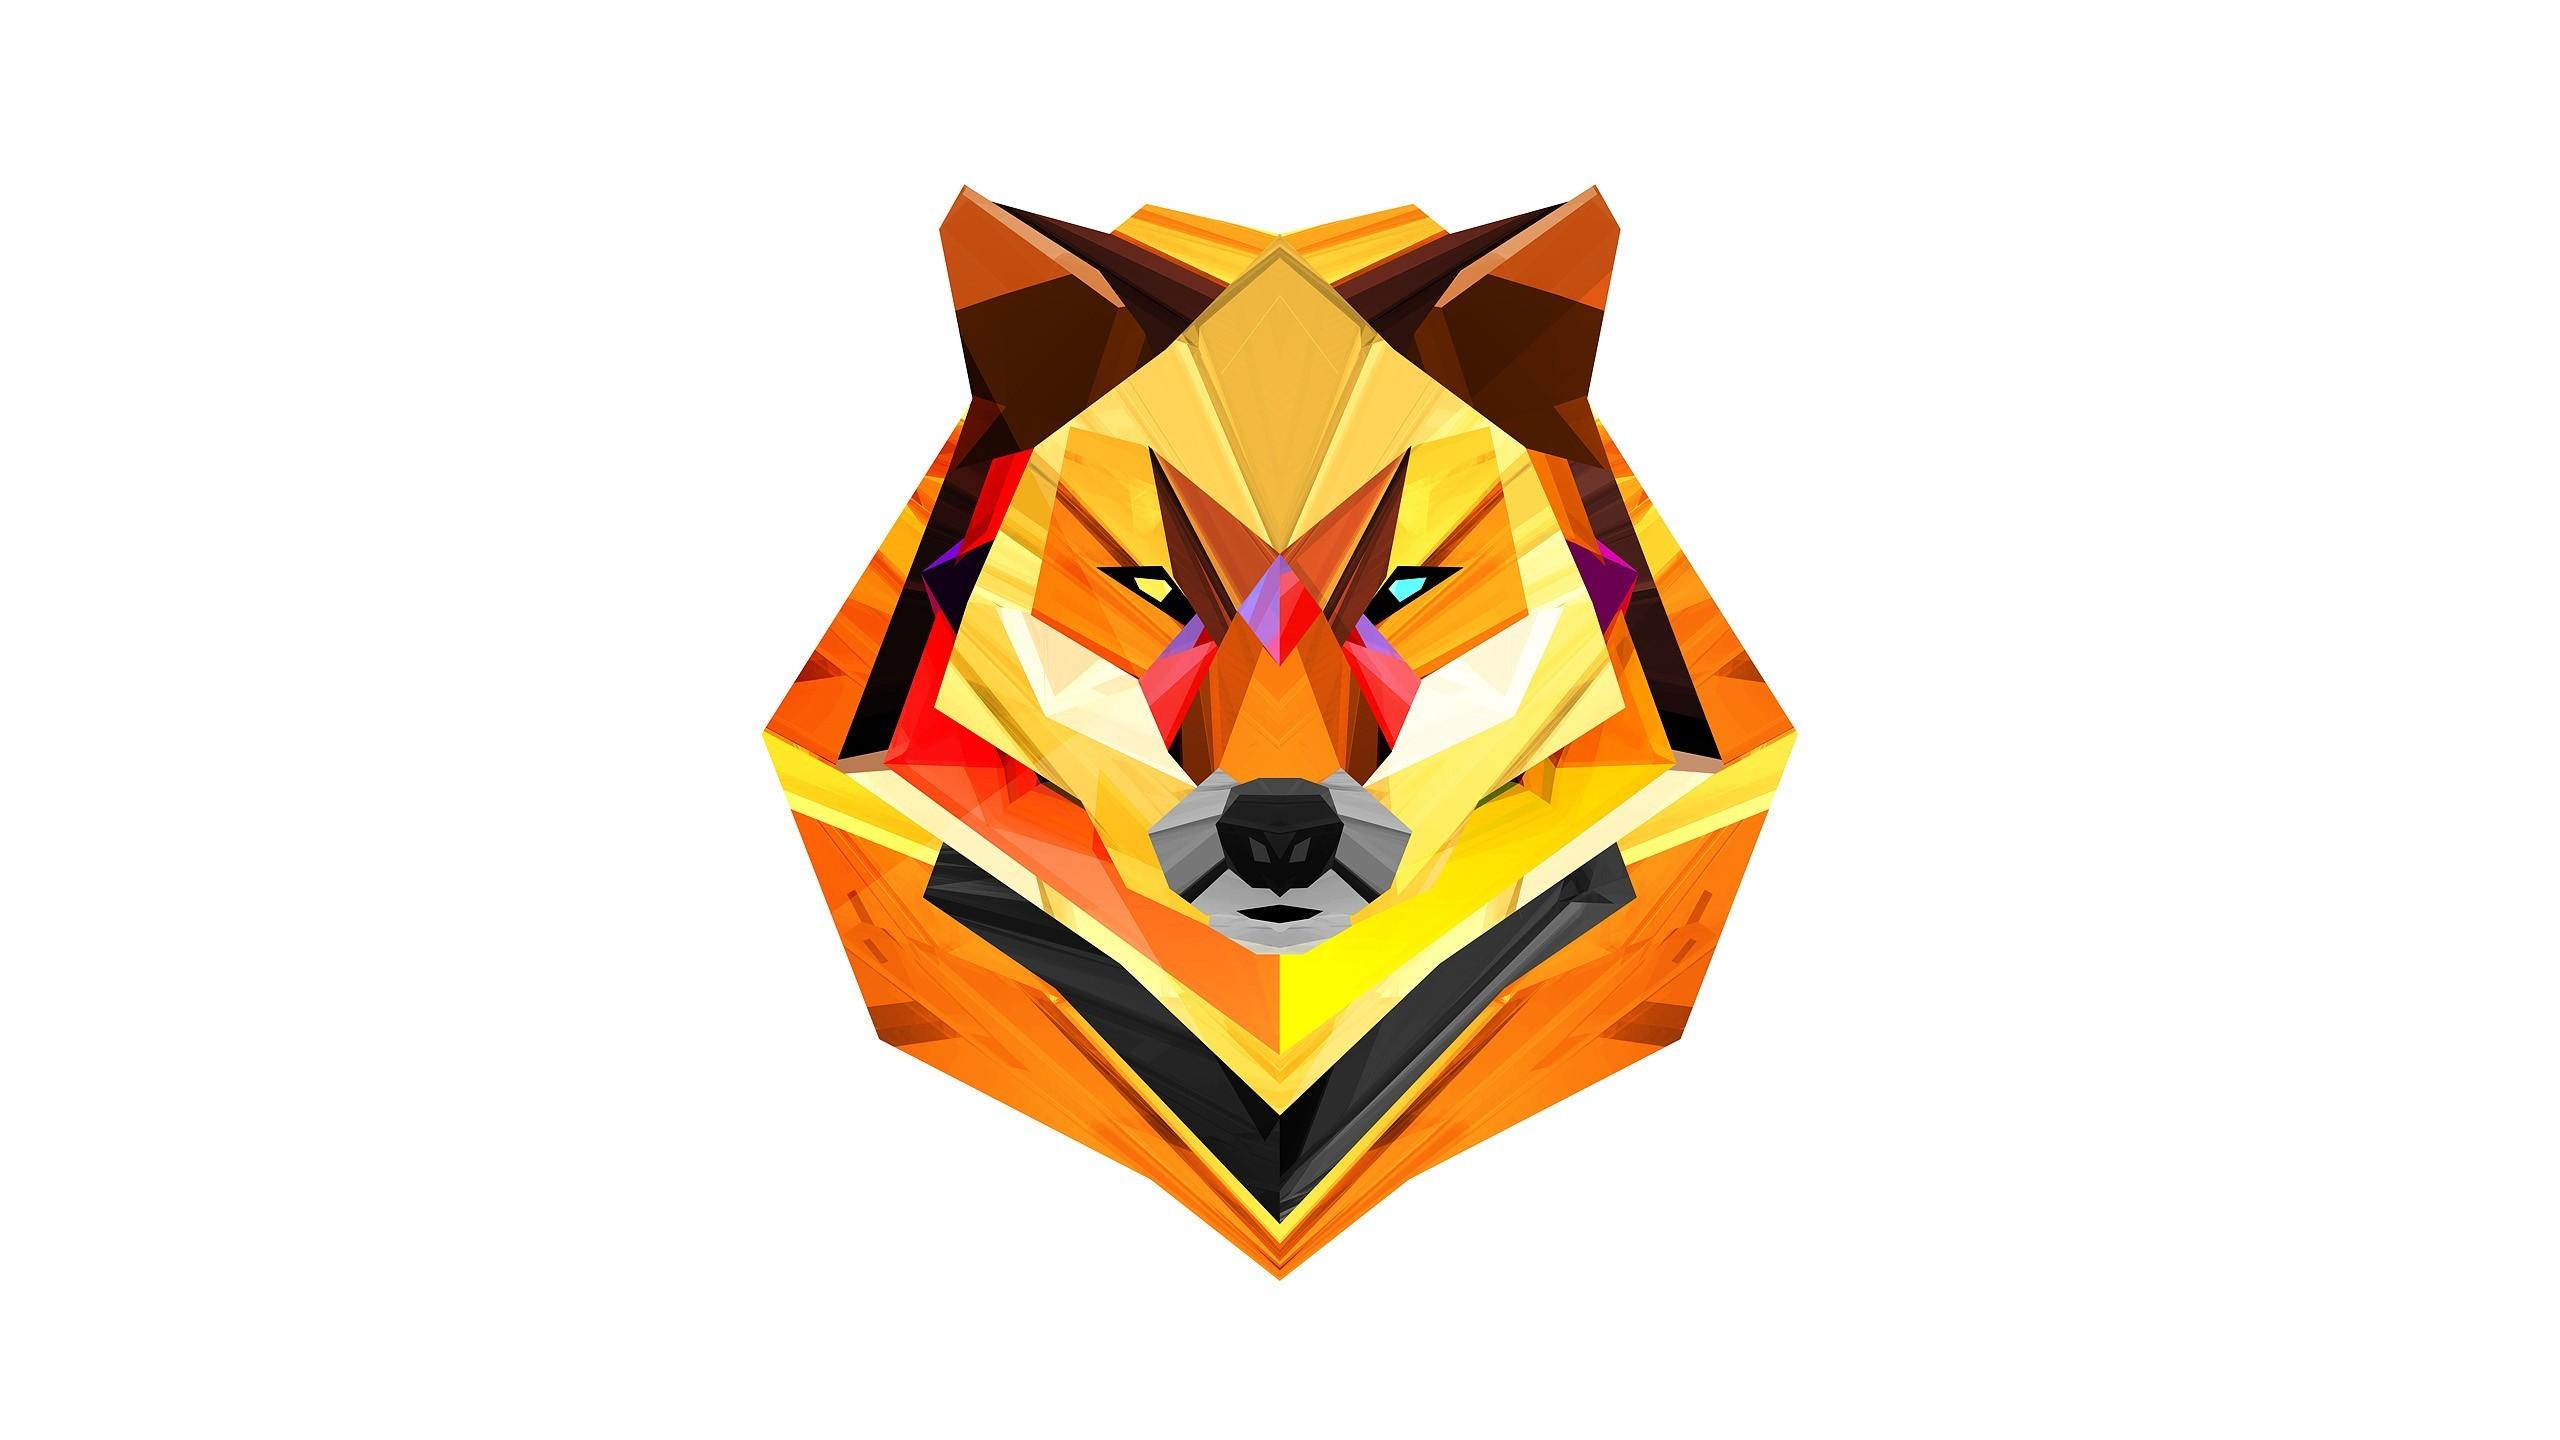 Sfondi illustrazione logo cartone animato geometria